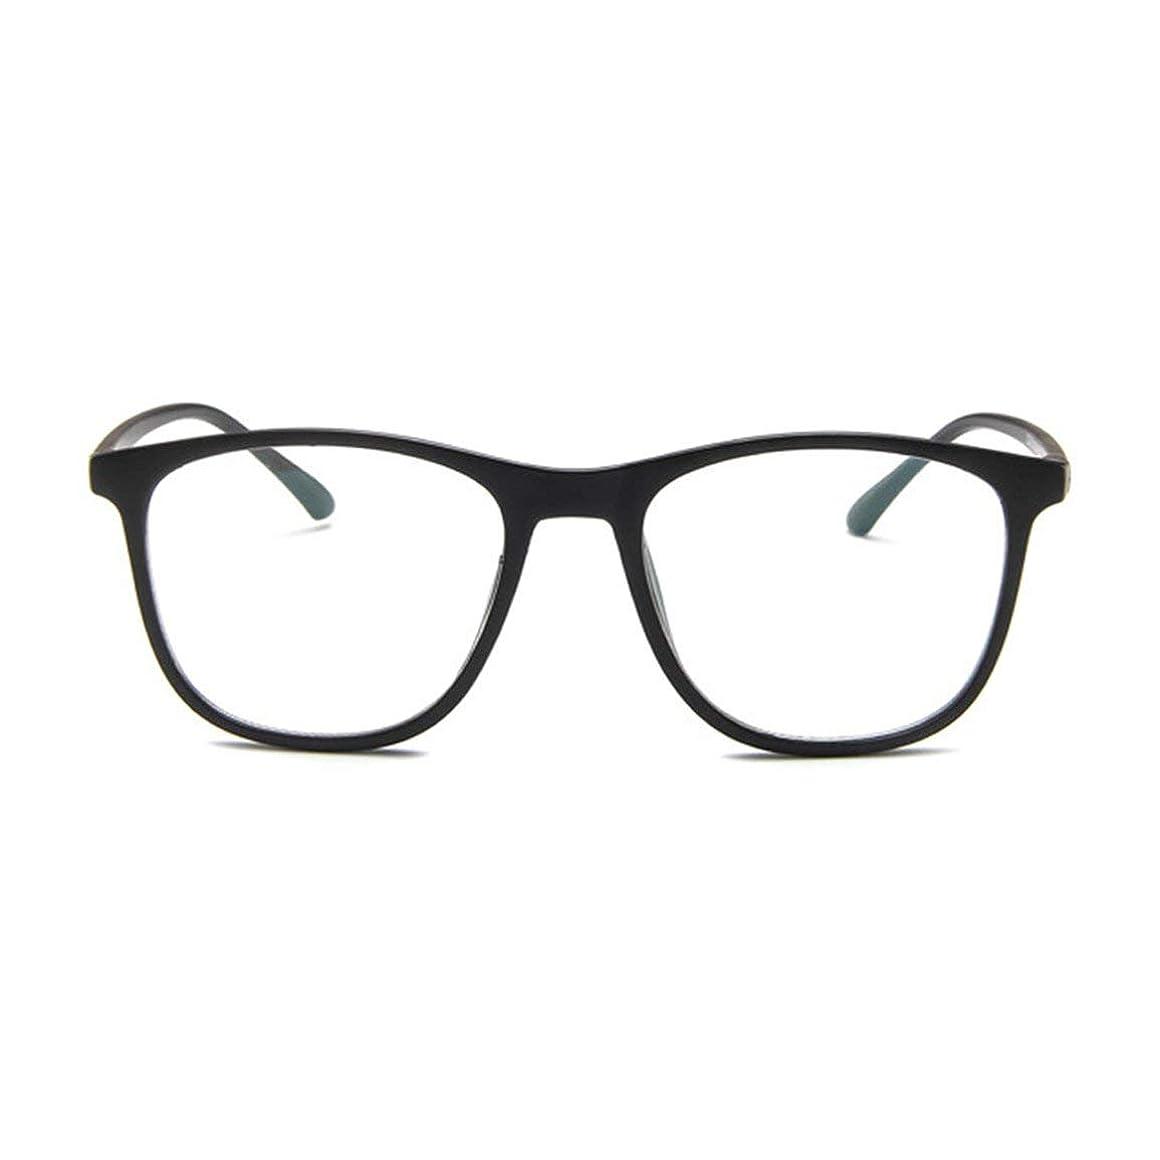 すみません王位ドライ韓国の学生のプレーンメガネの男性と女性のファッションメガネフレーム近視メガネフレームファッショナブルなシンプルなメガネ-マットブラック